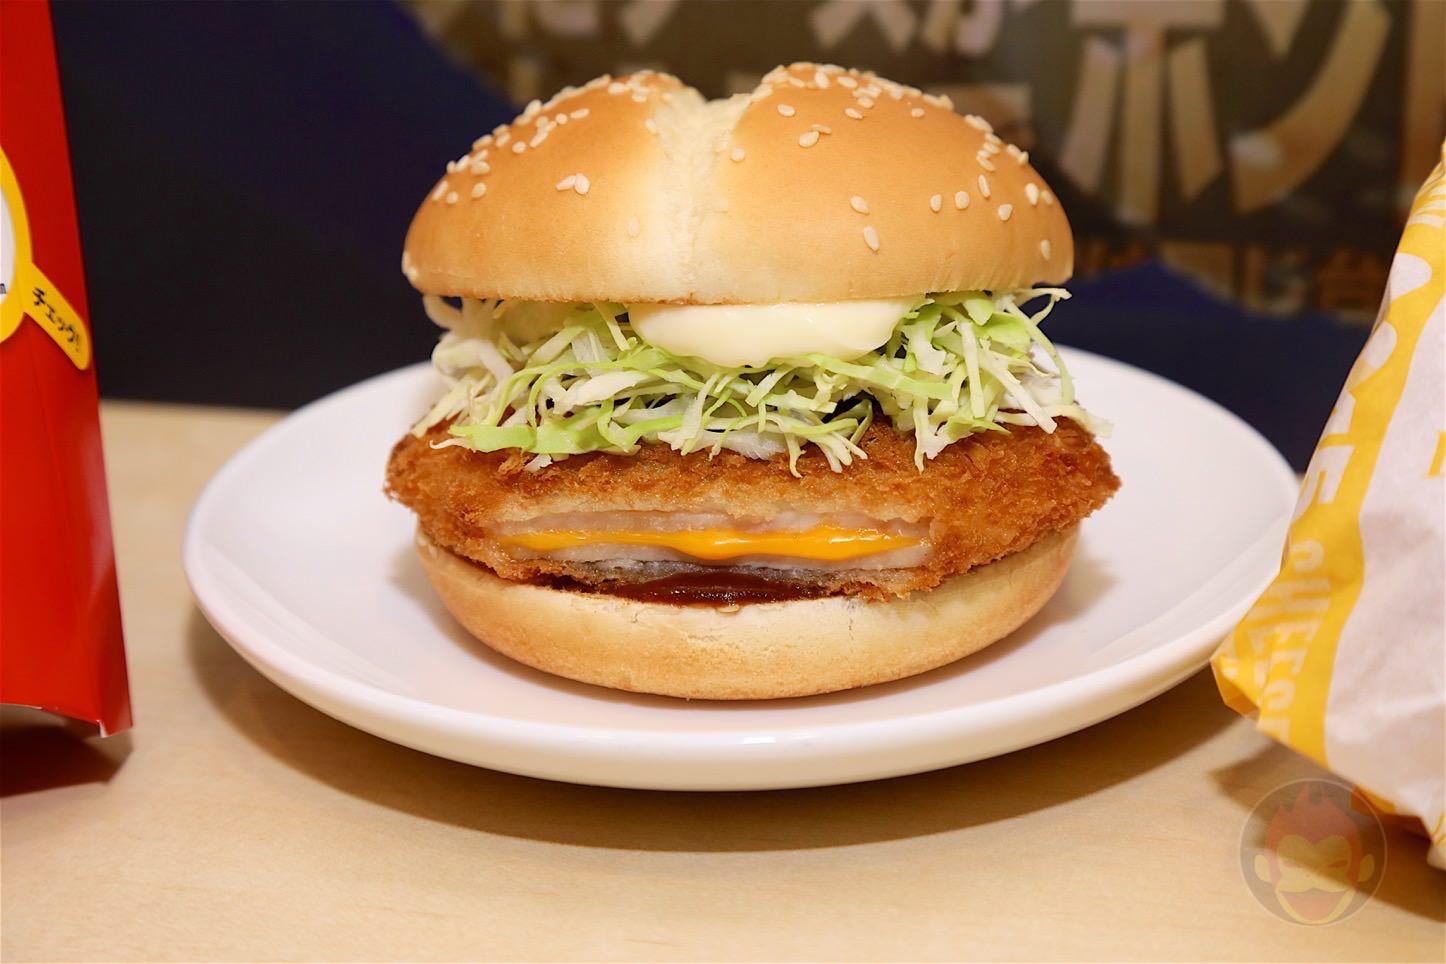 McDonalds-Cheese-Katsu-Burger-03.jpg